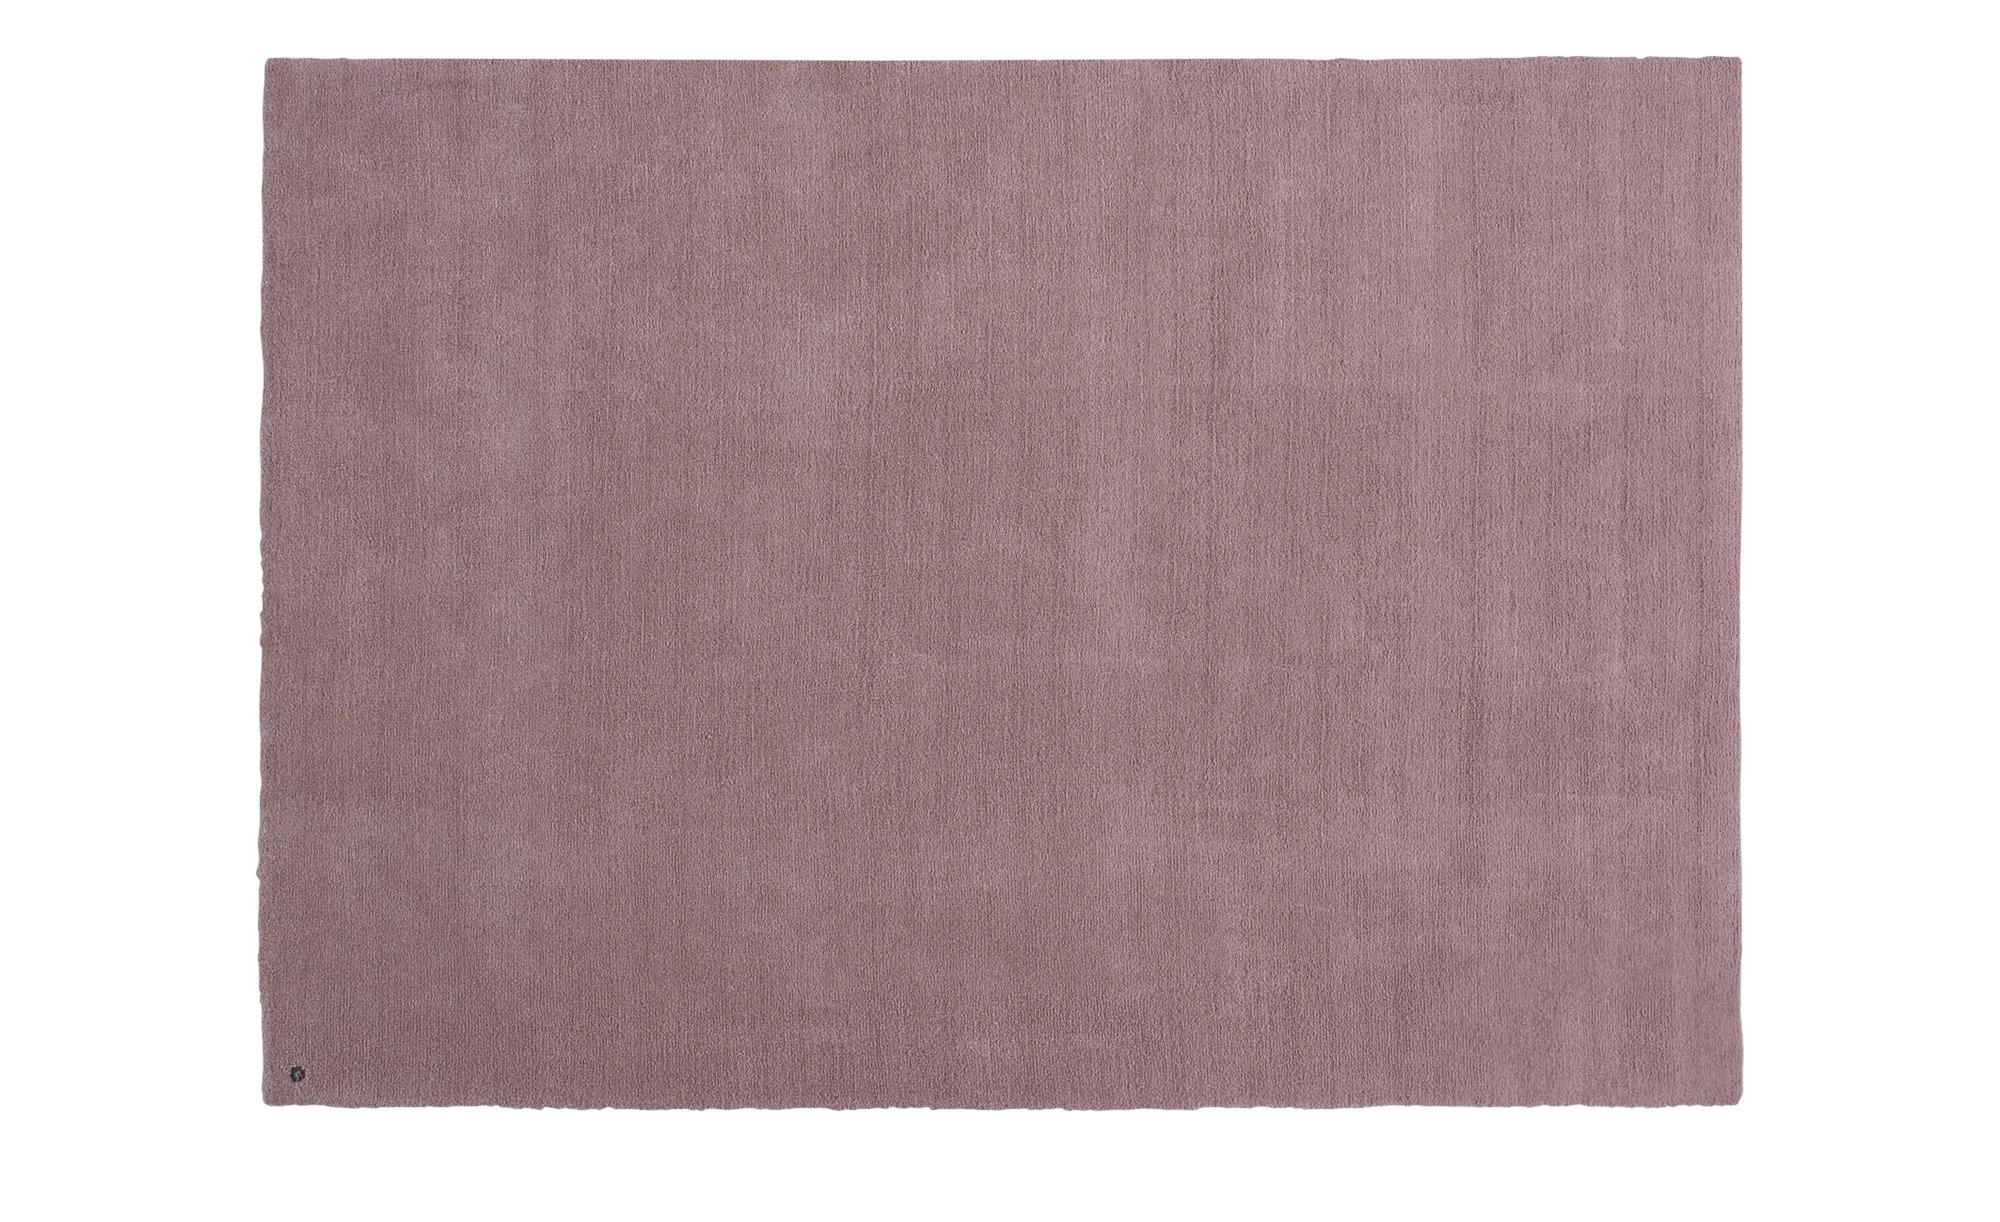 tom tailor handtuft teppich powder breite 65 cm h he. Black Bedroom Furniture Sets. Home Design Ideas